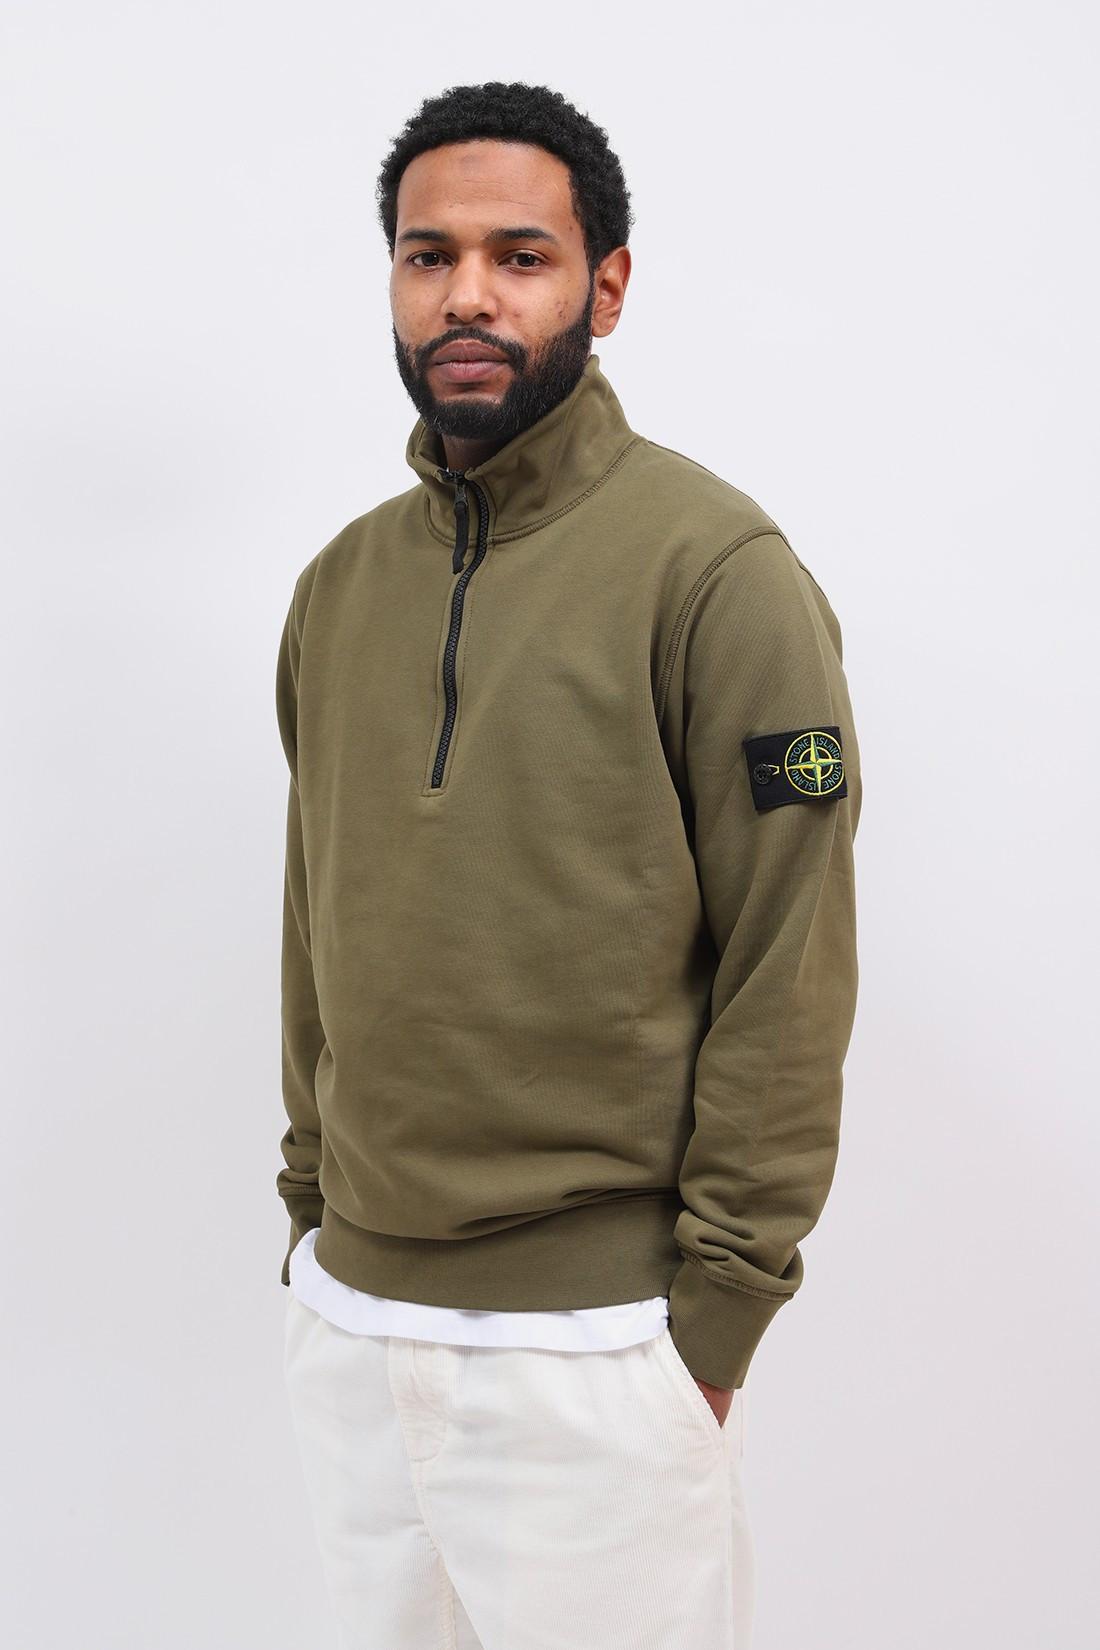 STONE ISLAND / 61951 half zip sweater v0058 Verde oliva